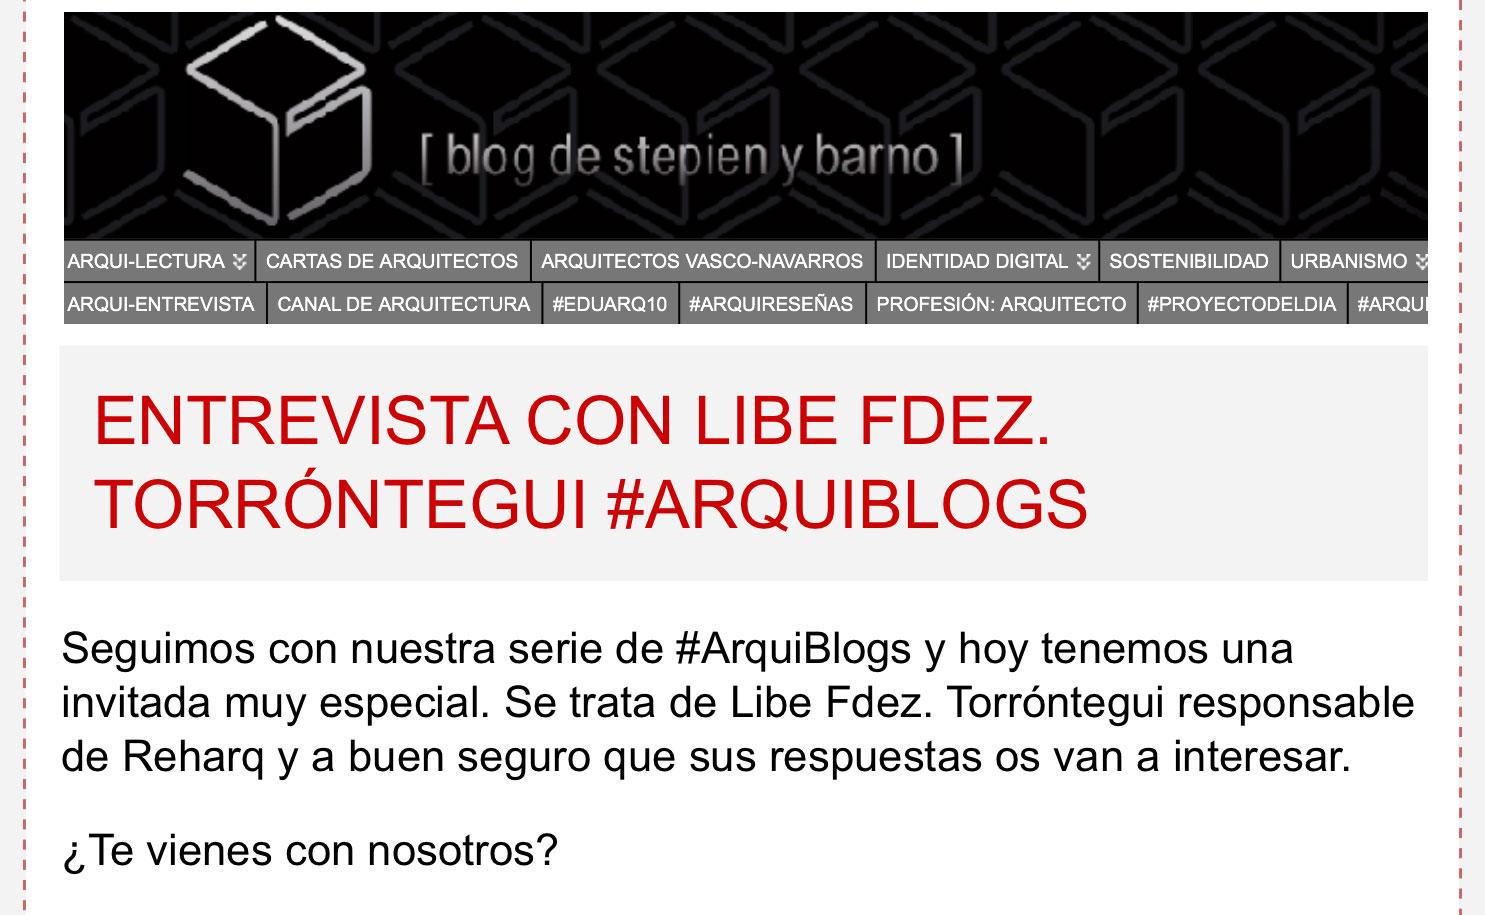 entrevista_reharq_blog_arquitectura_patrimonio_identidad digital_lieb fernandez torrontegui_stepienybarno_reducida